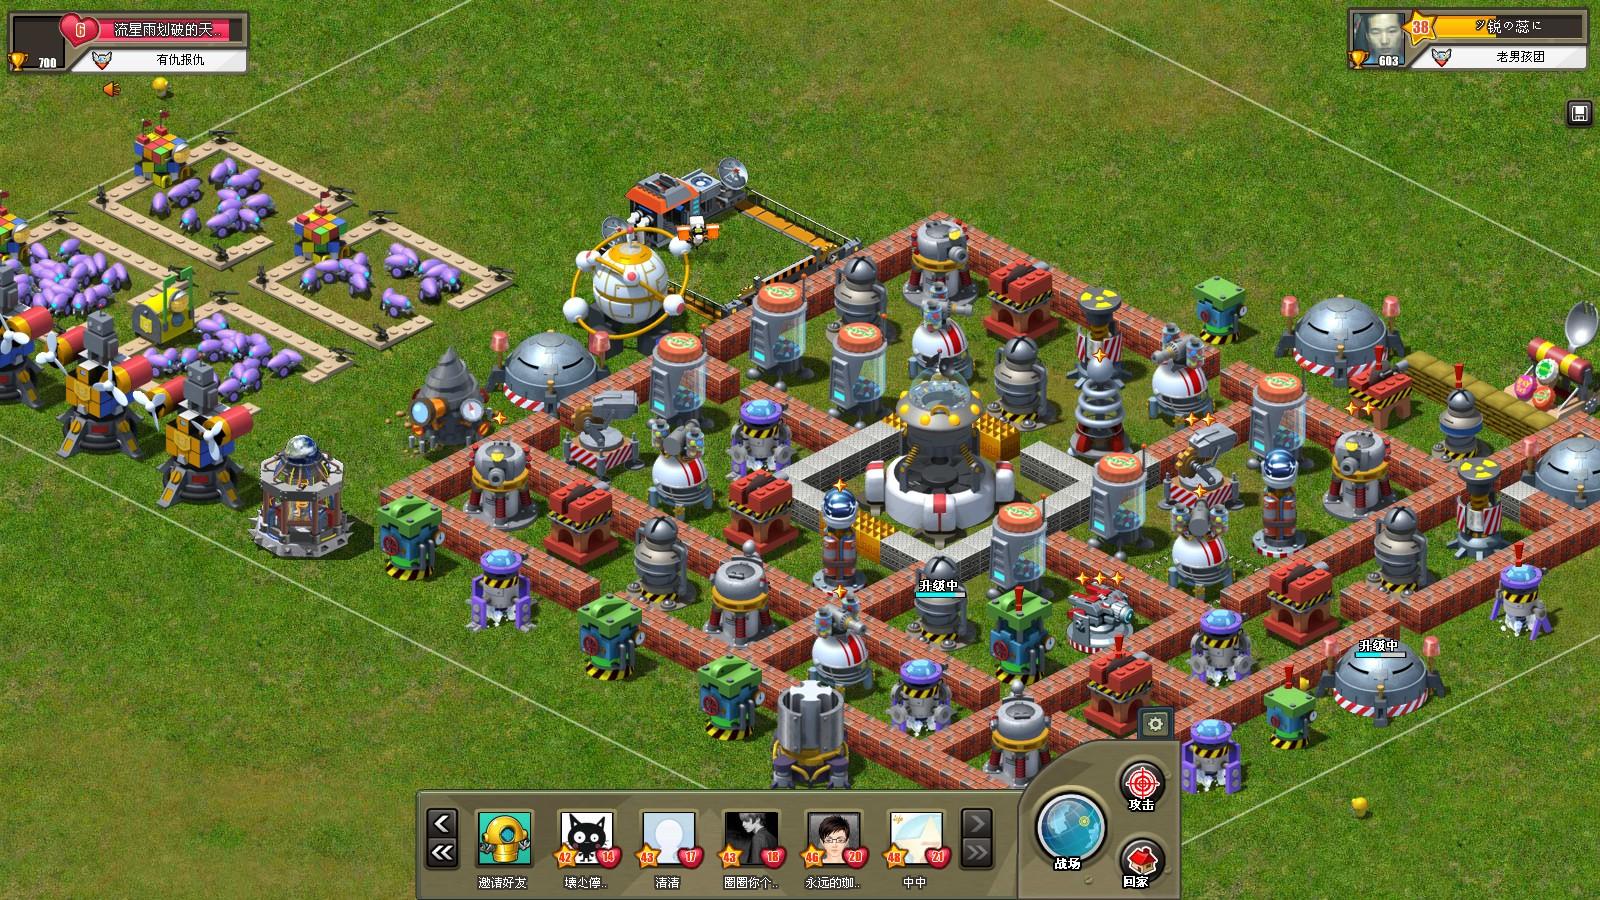 玩具战争求玩家帮忙看阵型12级主基地 精品玩家社区 Powered by 图片